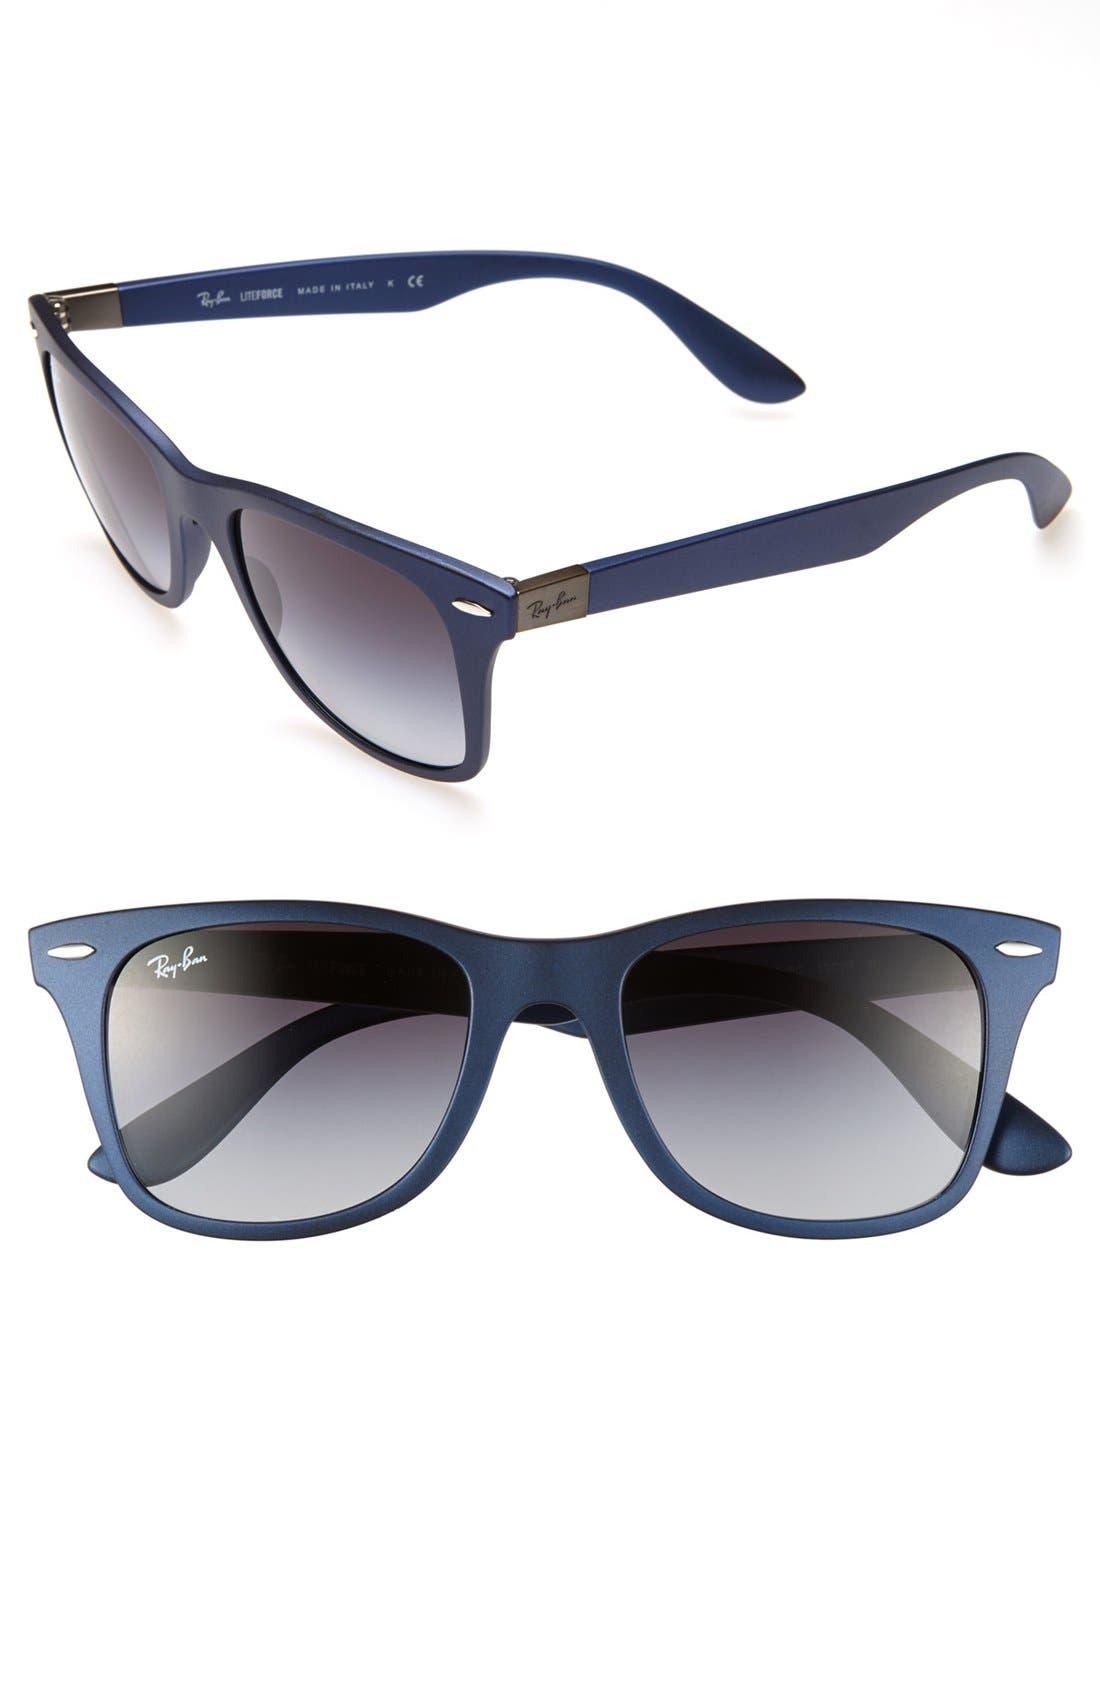 Main Image - Ray-Ban 52mm Sunglasses